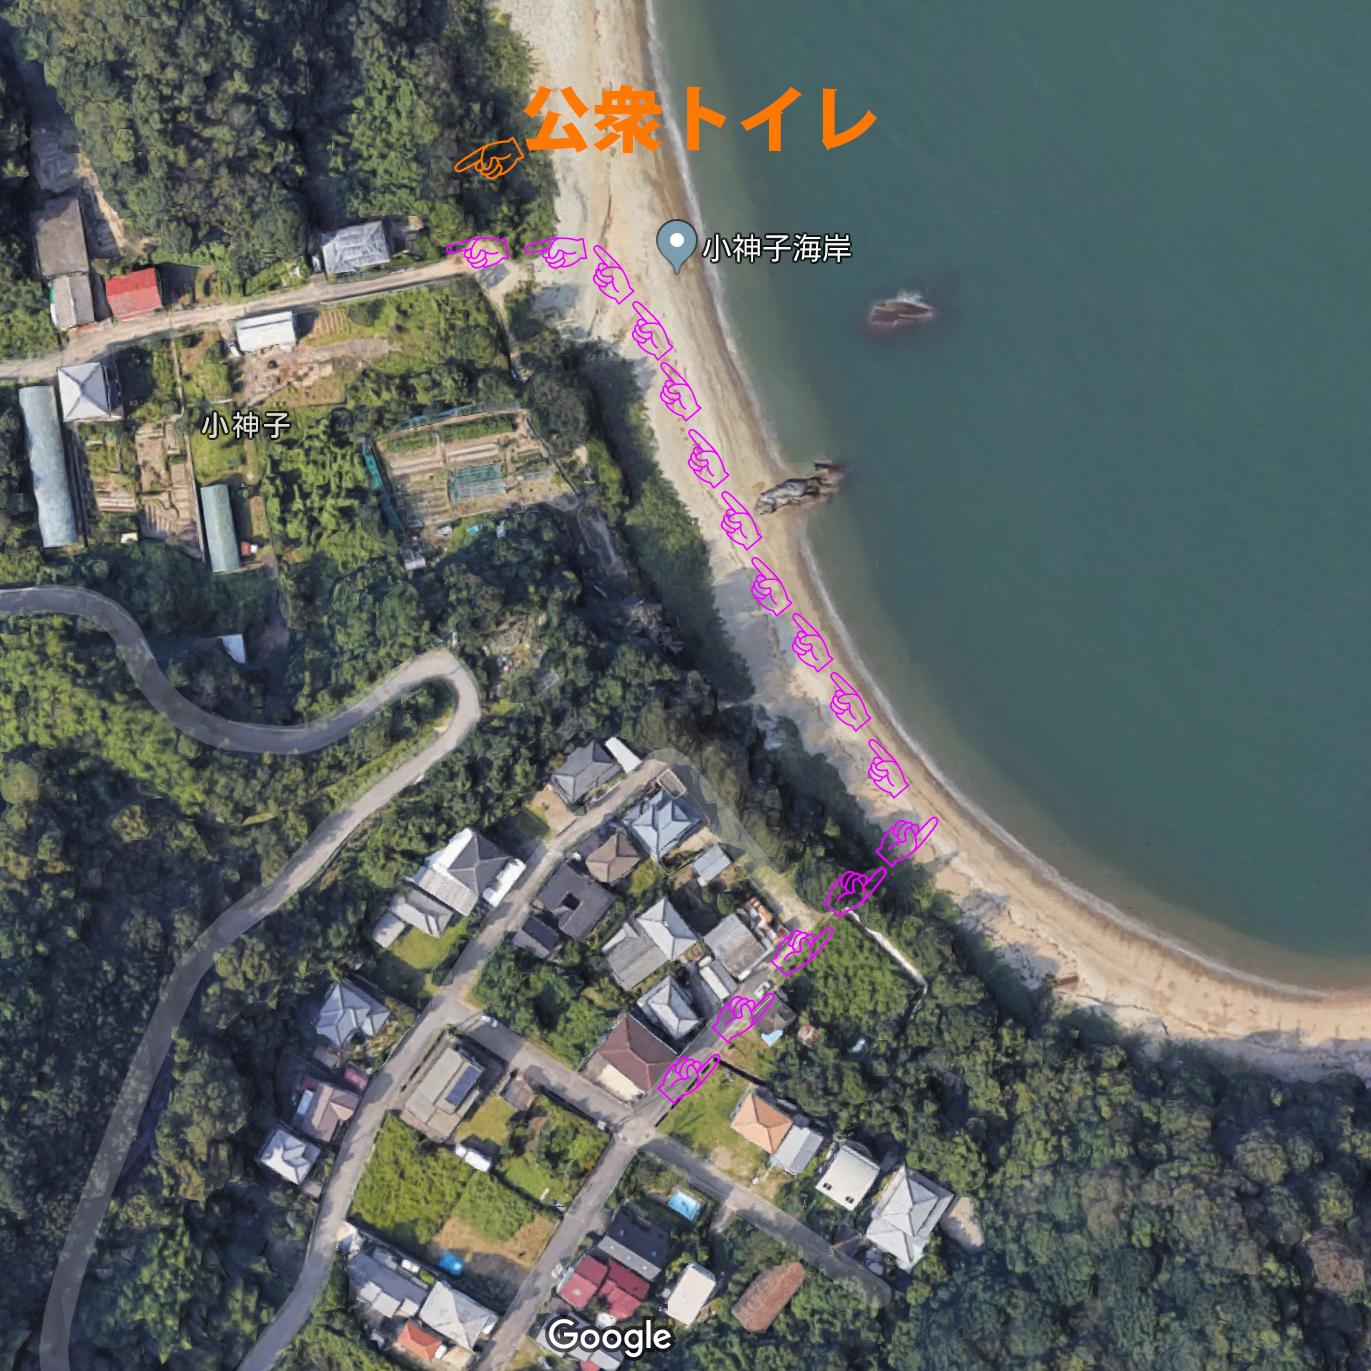 公衆トイレまでのルート(海岸経由が近道)